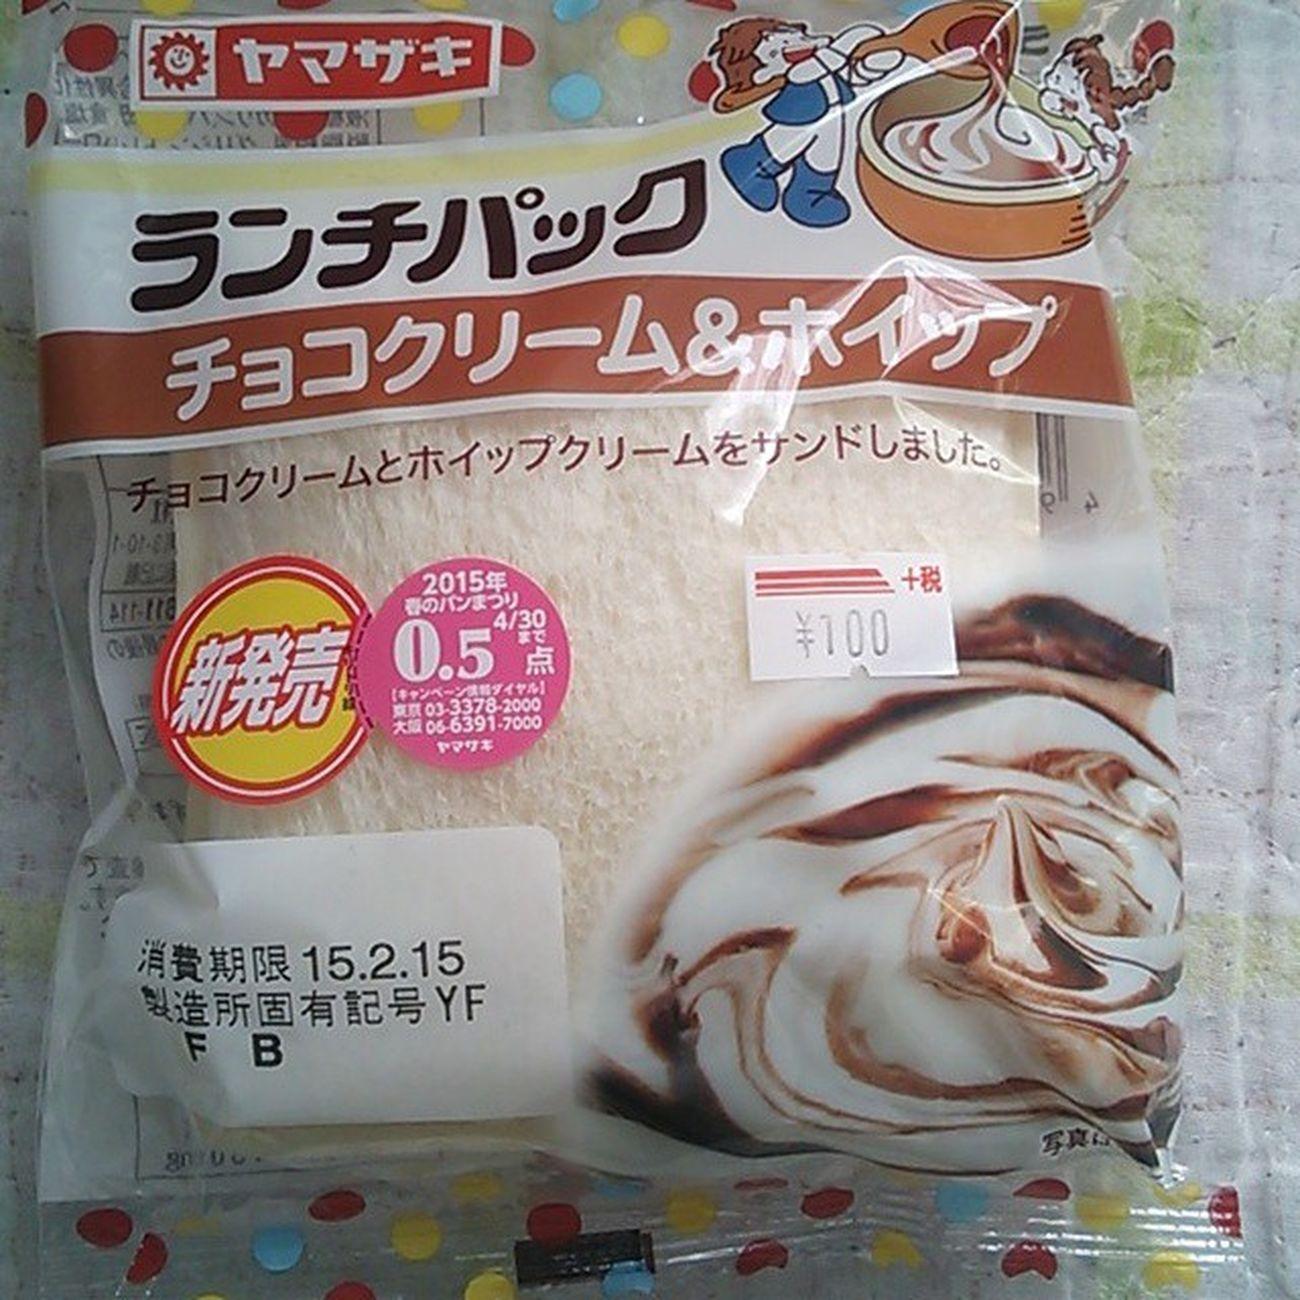 ランチパックマニア ランチパック生活 ランチパック チョコクリームホイップ ヤマザキ ヤマザキ春のパン祭り